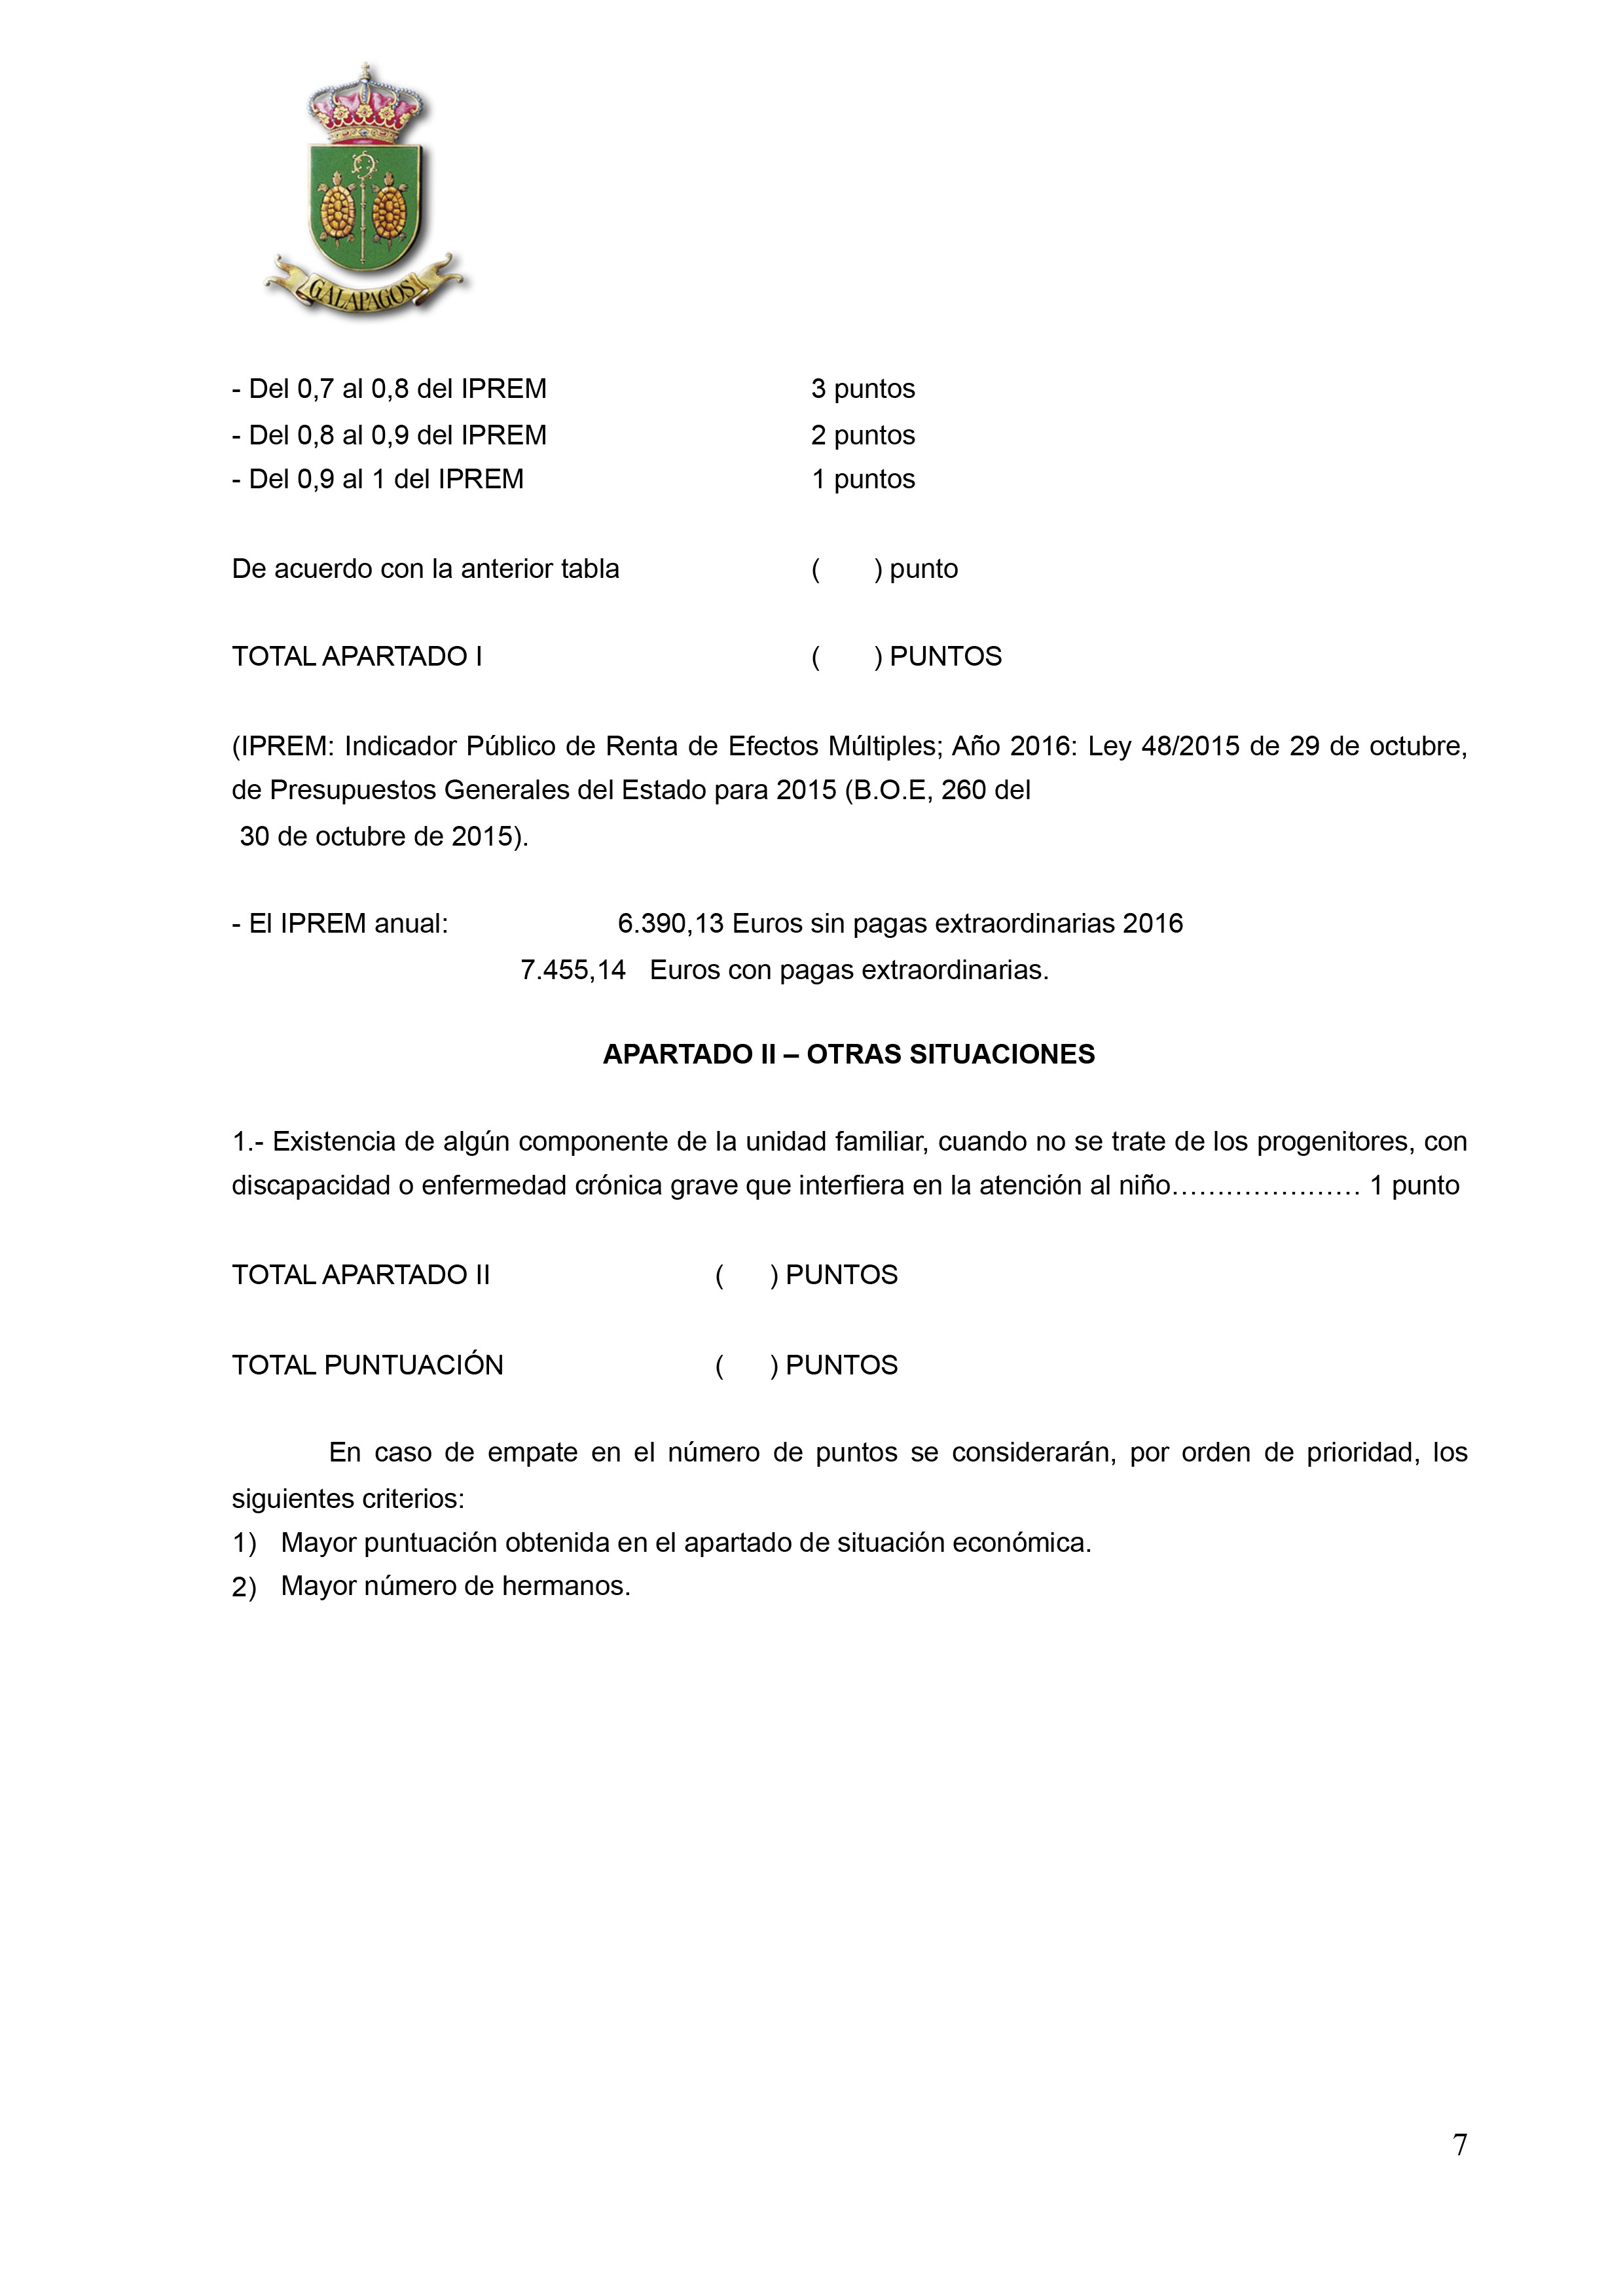 Calendario 2019 Escolar Secundaria Más Recientes Noticias Ayuntamiento De Galápagos En Guadalajara Of Calendario 2019 Escolar Secundaria Recientes Impresionante 42 Ilustraci³n 1997 Calendario 2019